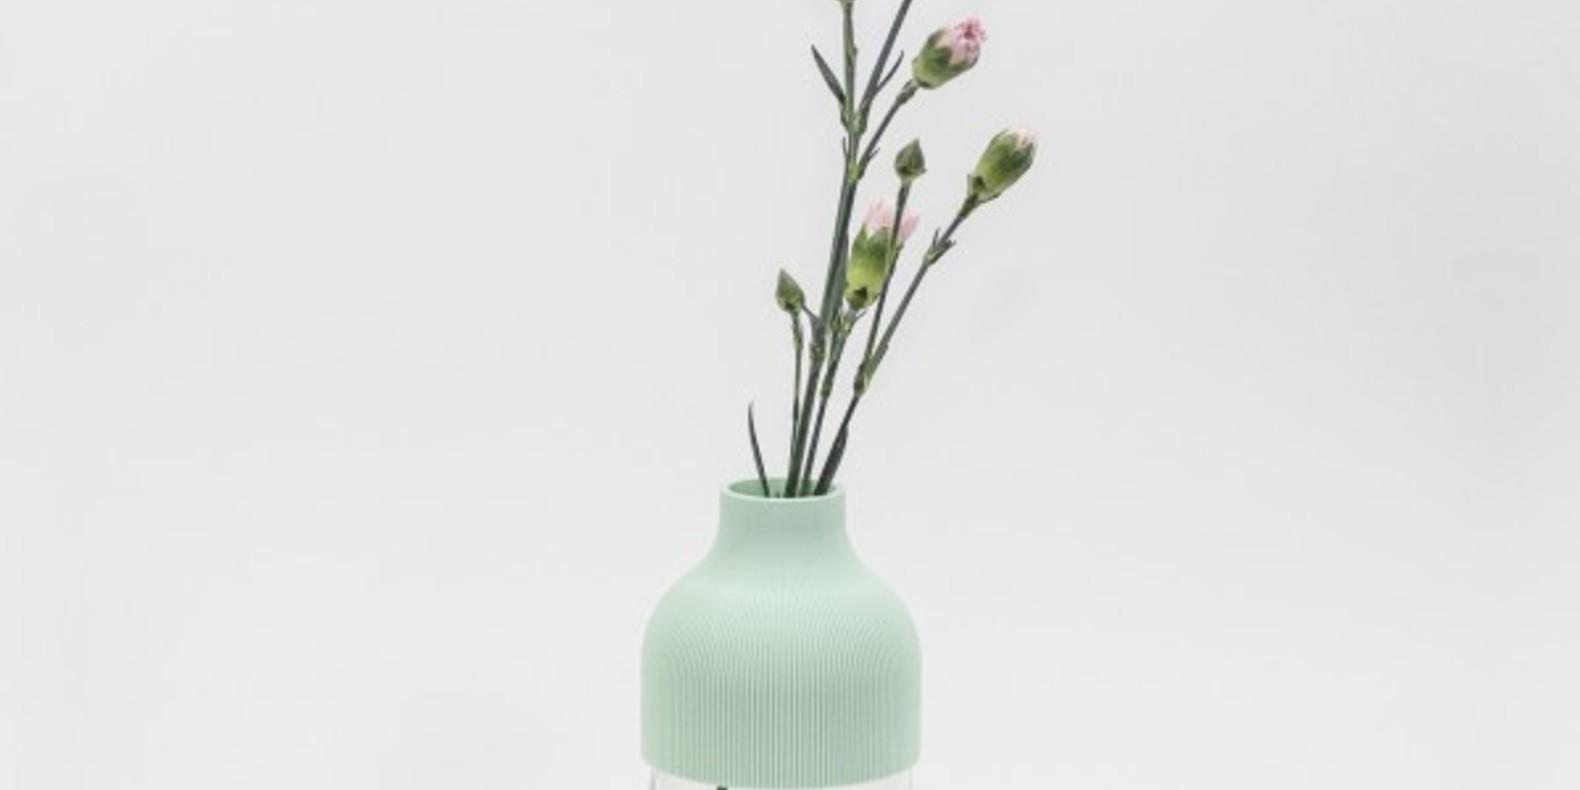 vase1 uauproject vase imprimé en 3D fichier 3D 3D printing